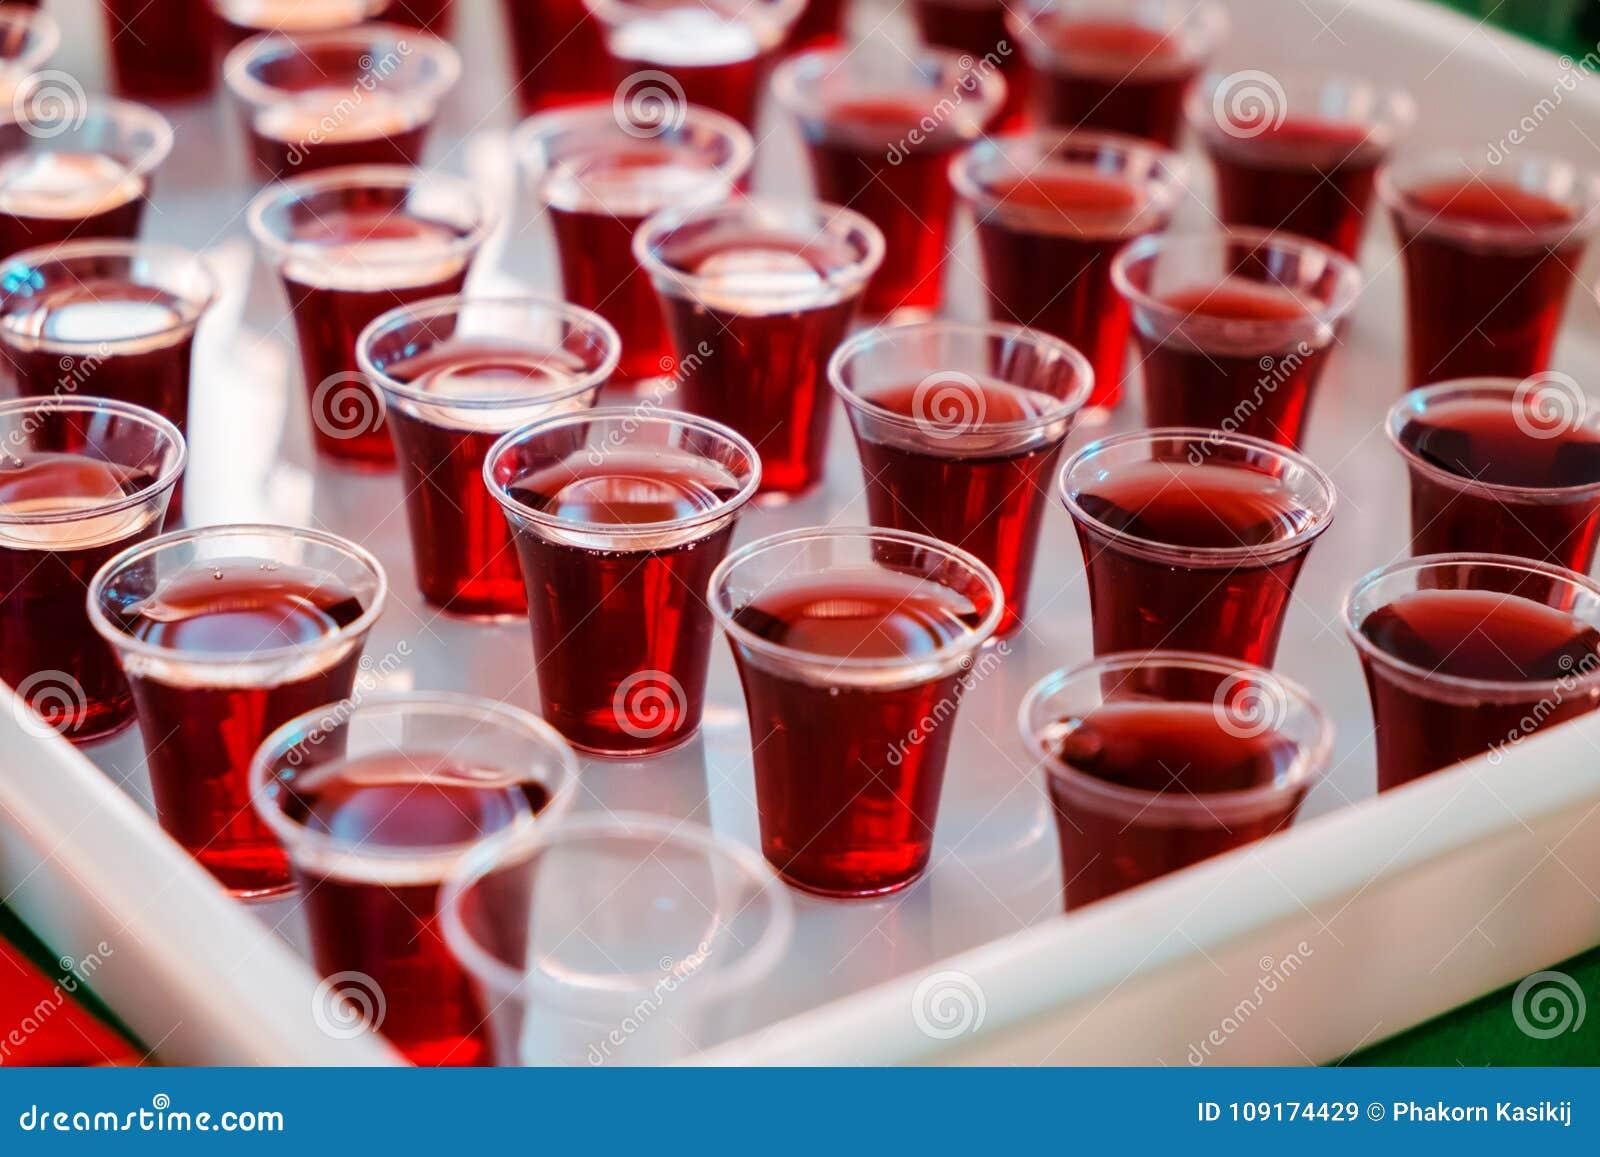 Jugo de uva en las tazas del plástico para la comunión santa en la iglesia